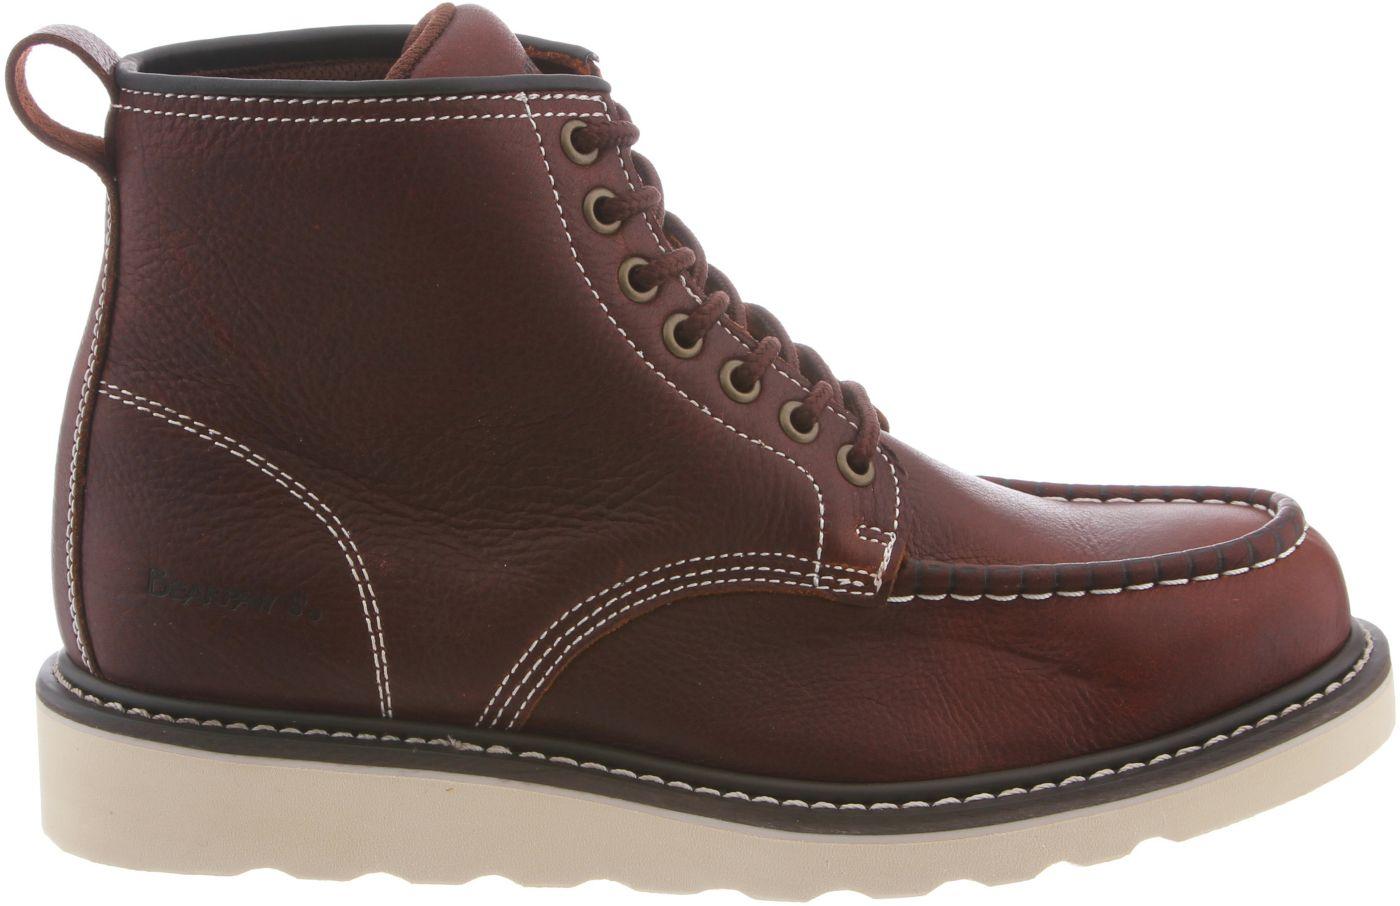 BEARPAW Men's Crockett II Casual Boots